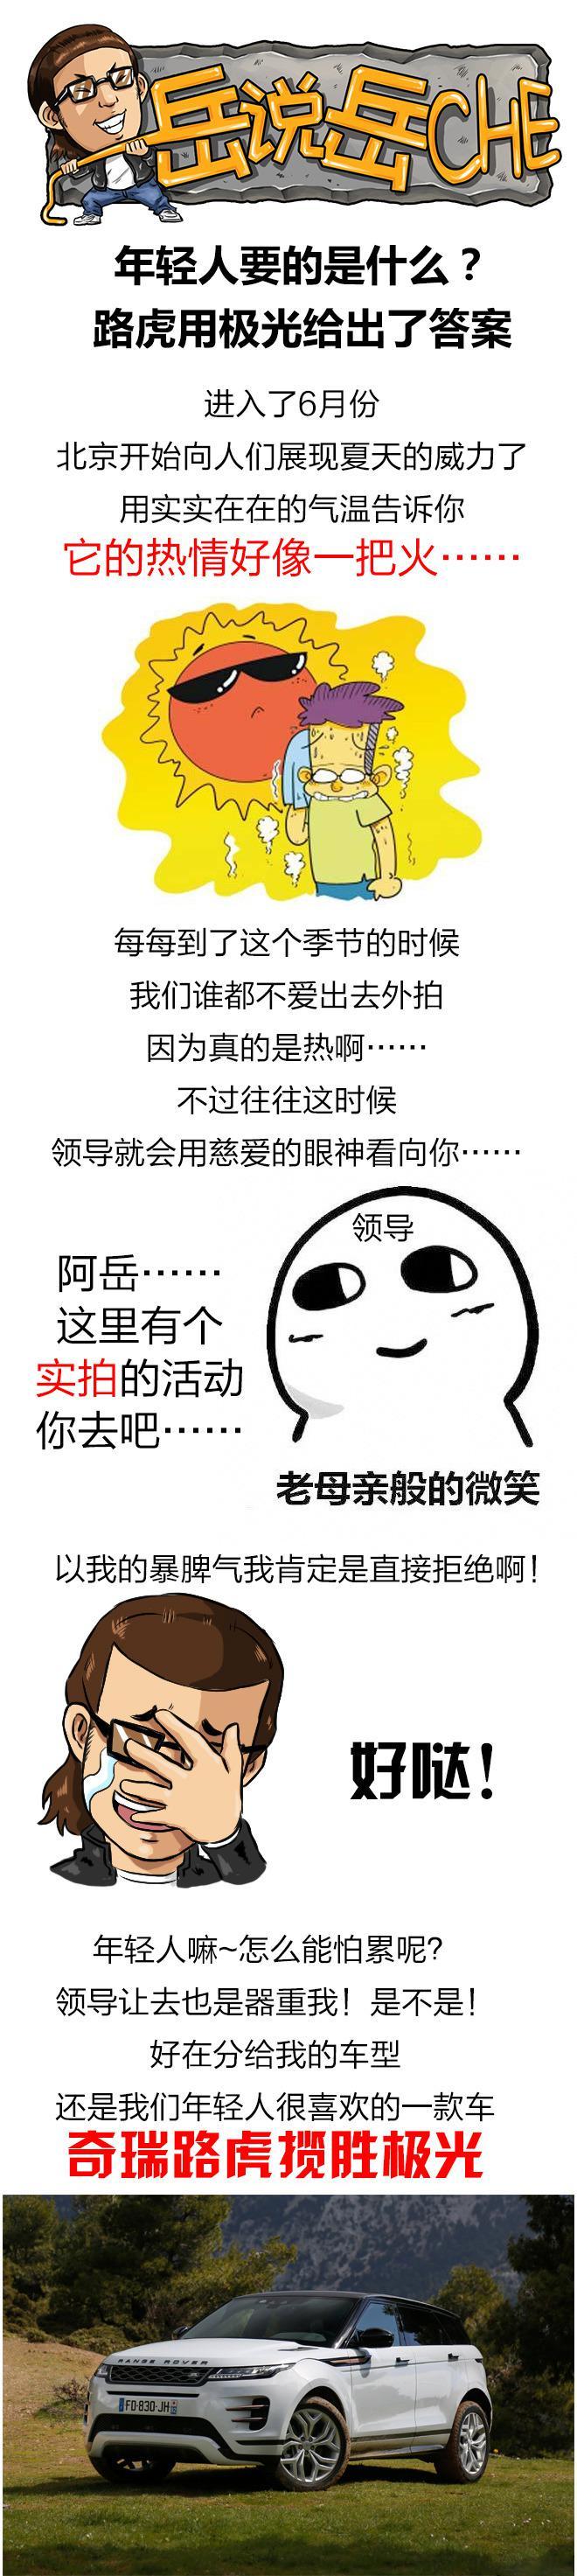 《岳說岳che》之攬勝極光 路虎給出的問題答案